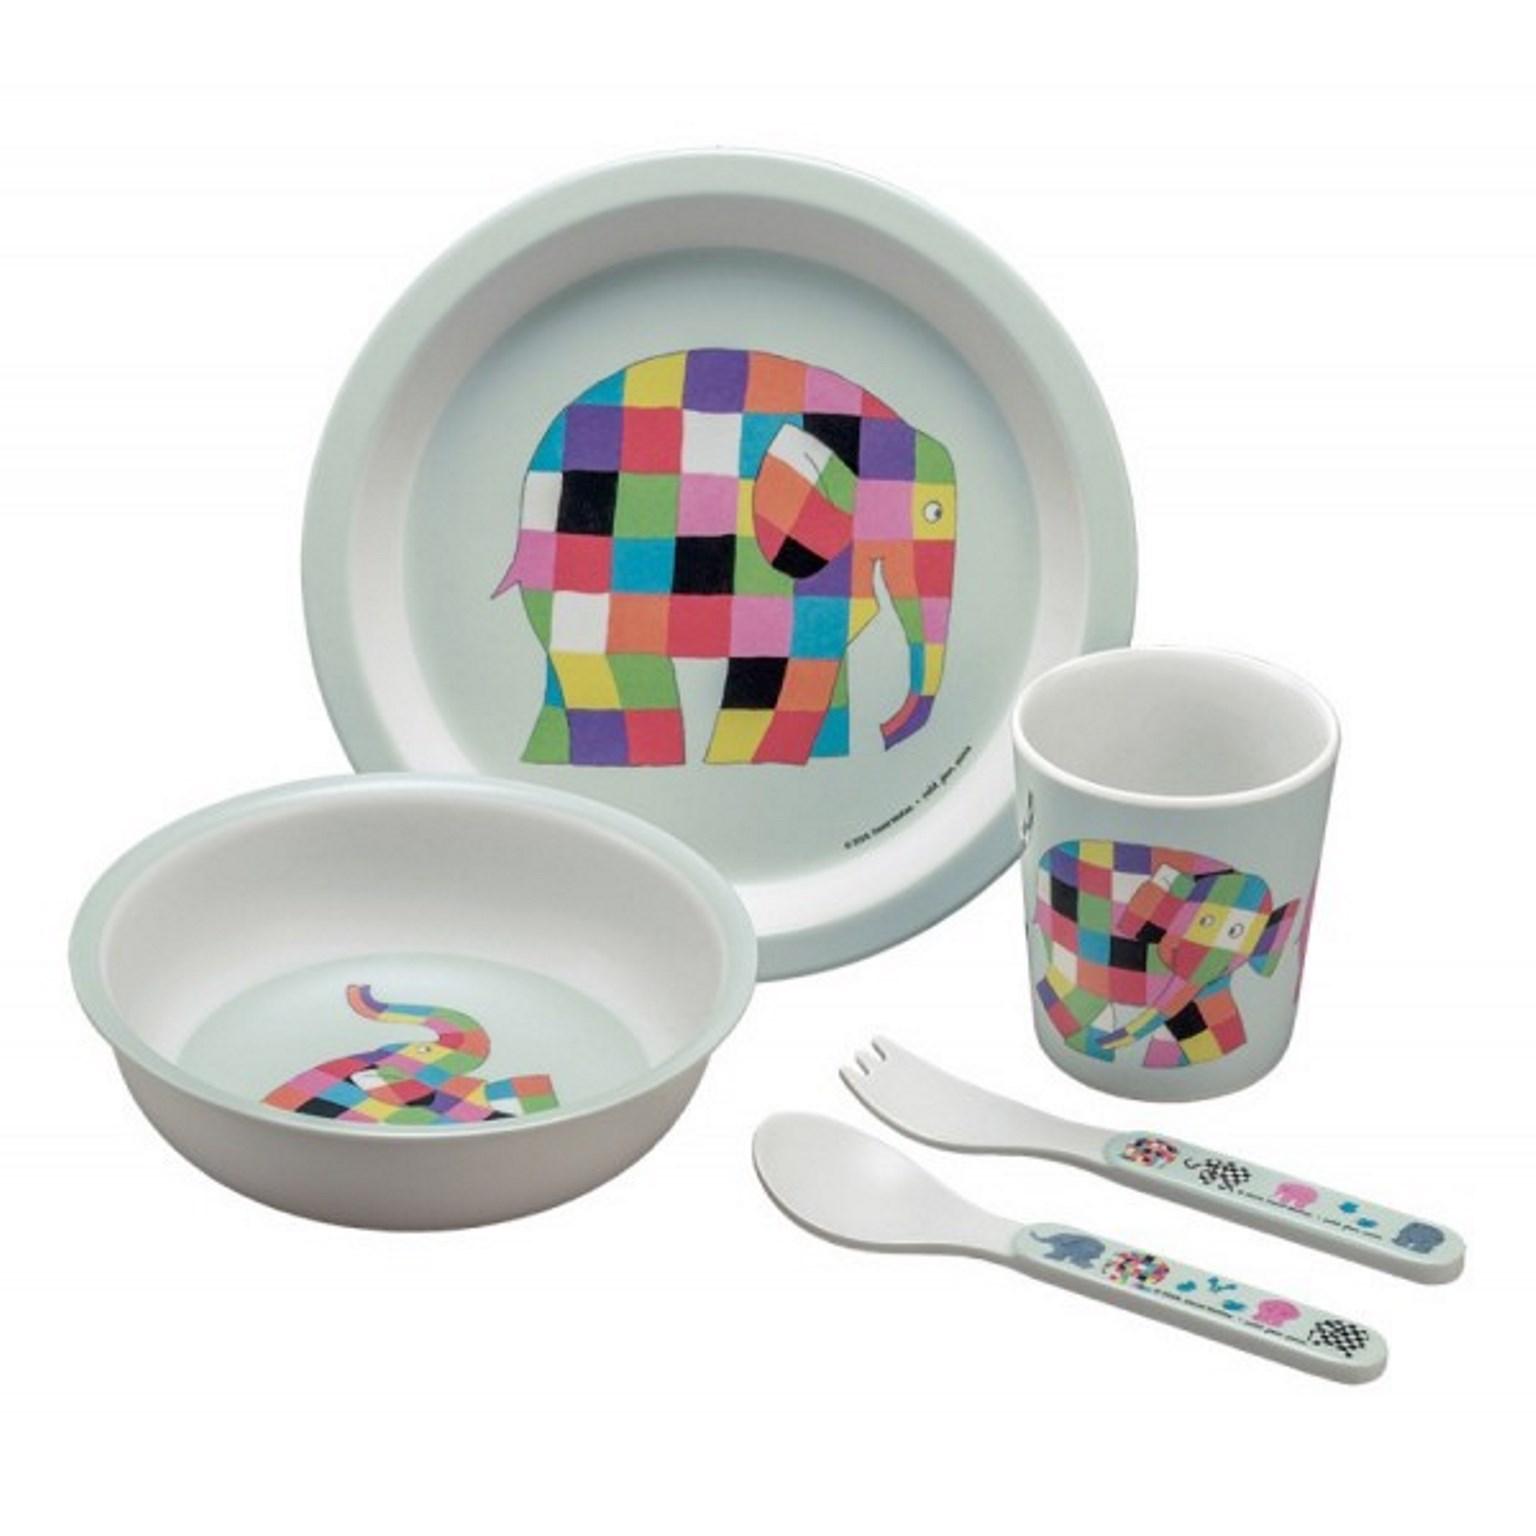 """Онлайн каталог PROMENU: Набор детский """"Животные"""" (тарелка, пиала, стакан, ложка, вилка) Maison Petit Jour ELMER, белый, 5 предметов                               EL701P"""